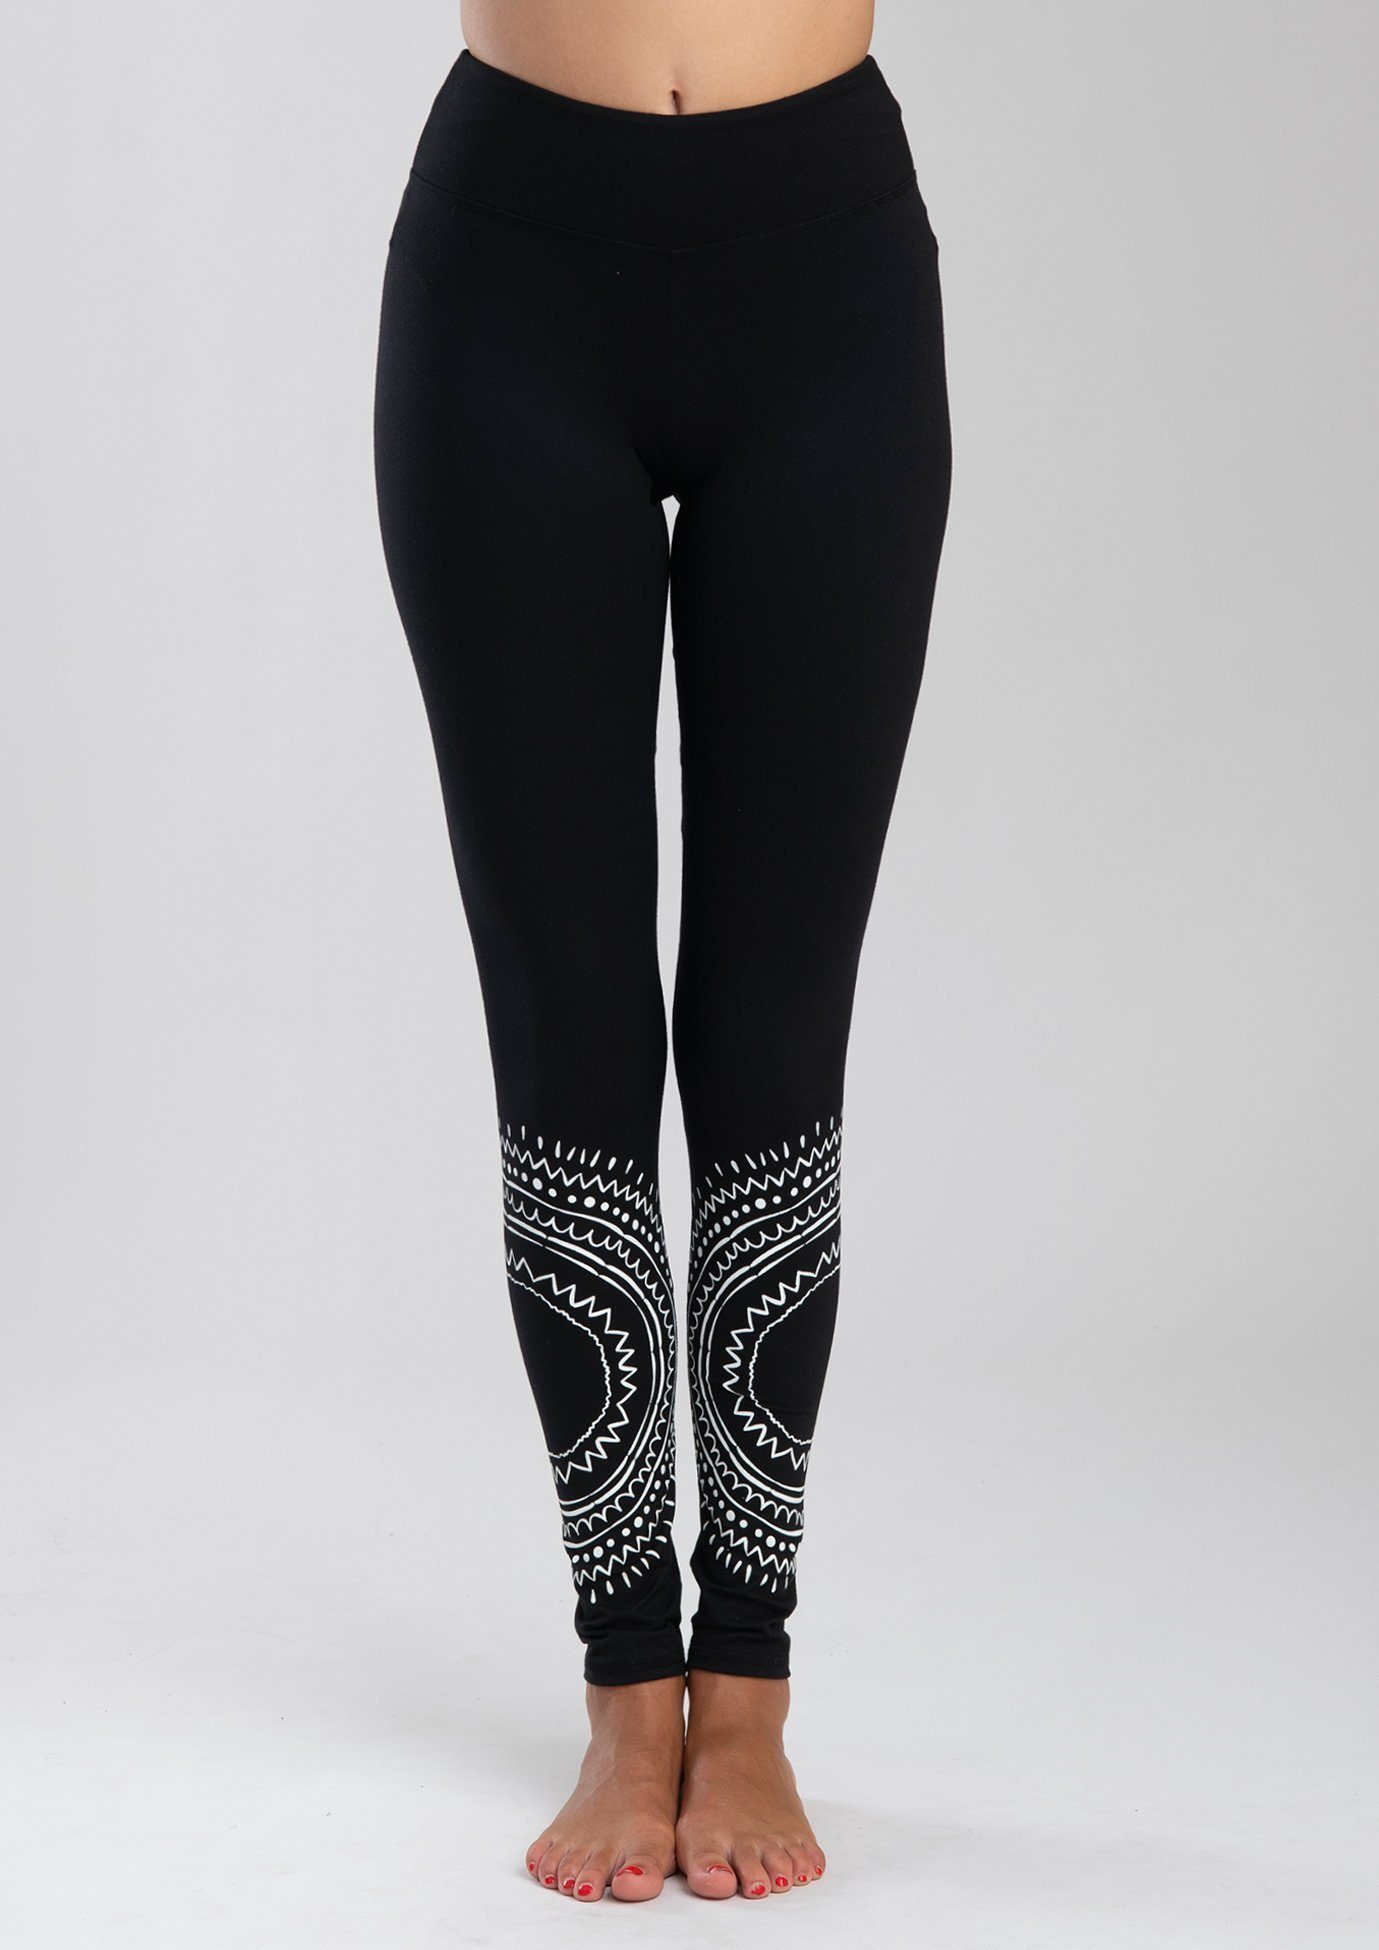 Image of Tribal Legging